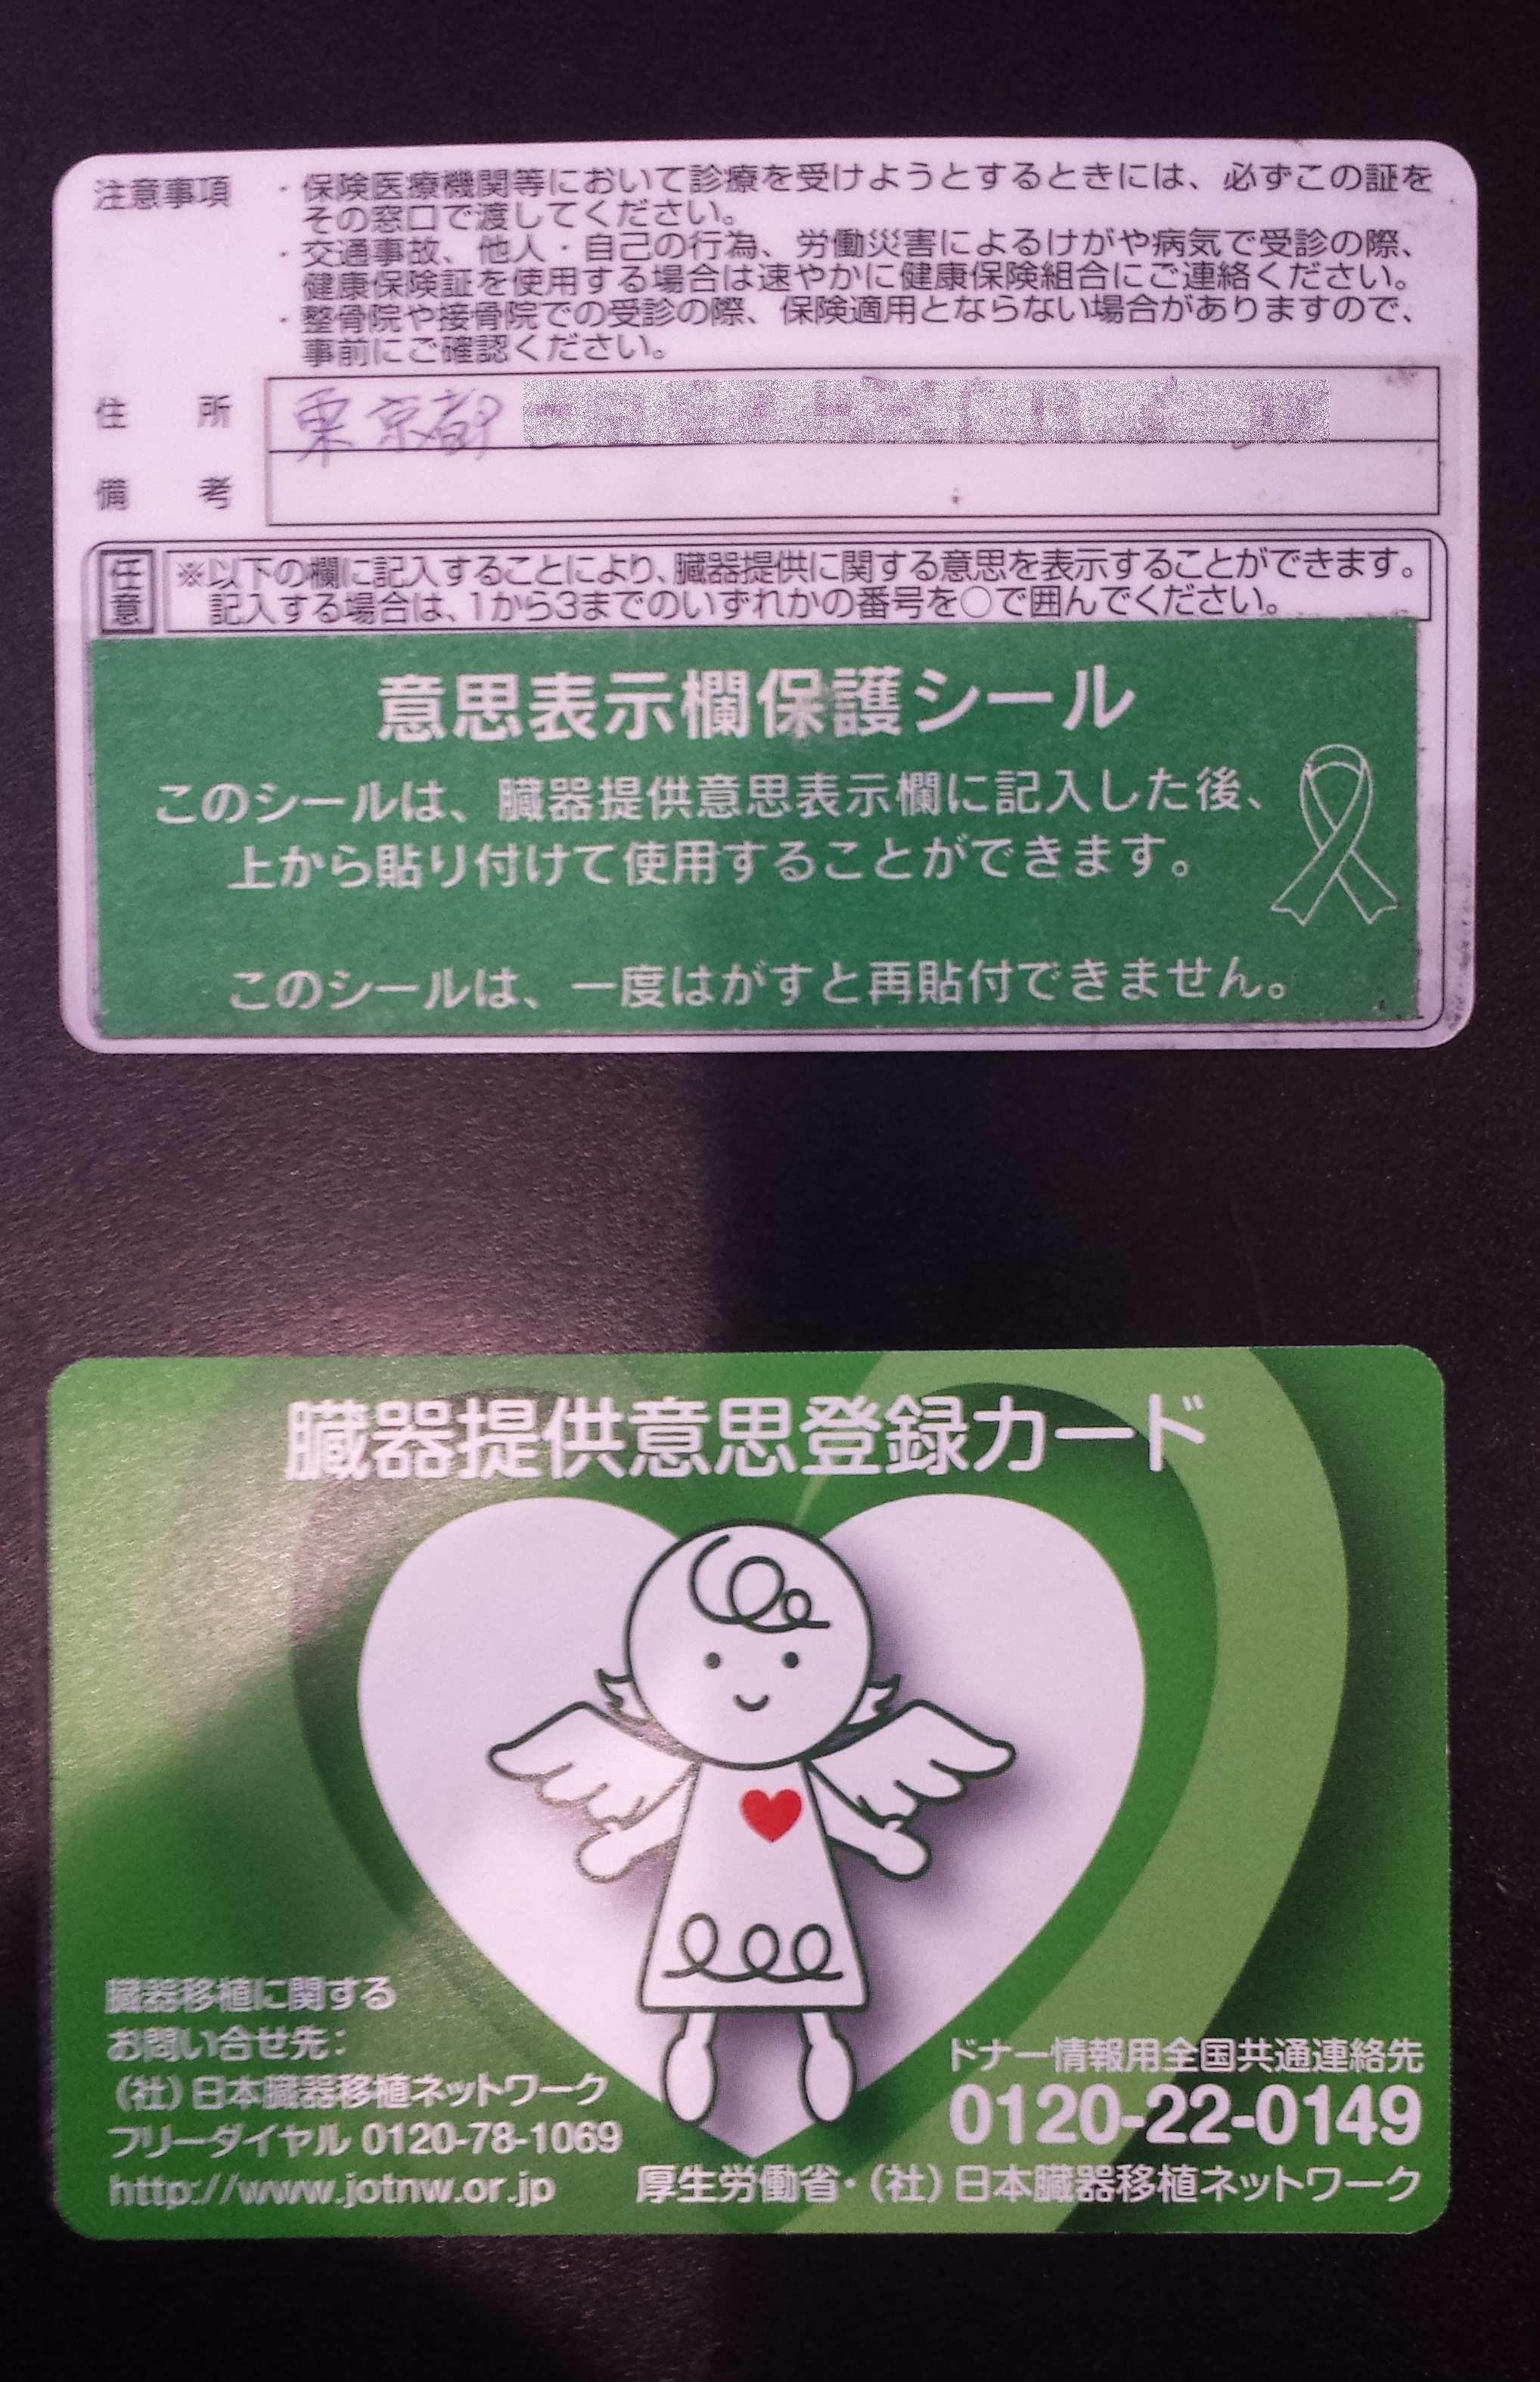 臓器提供意思登録